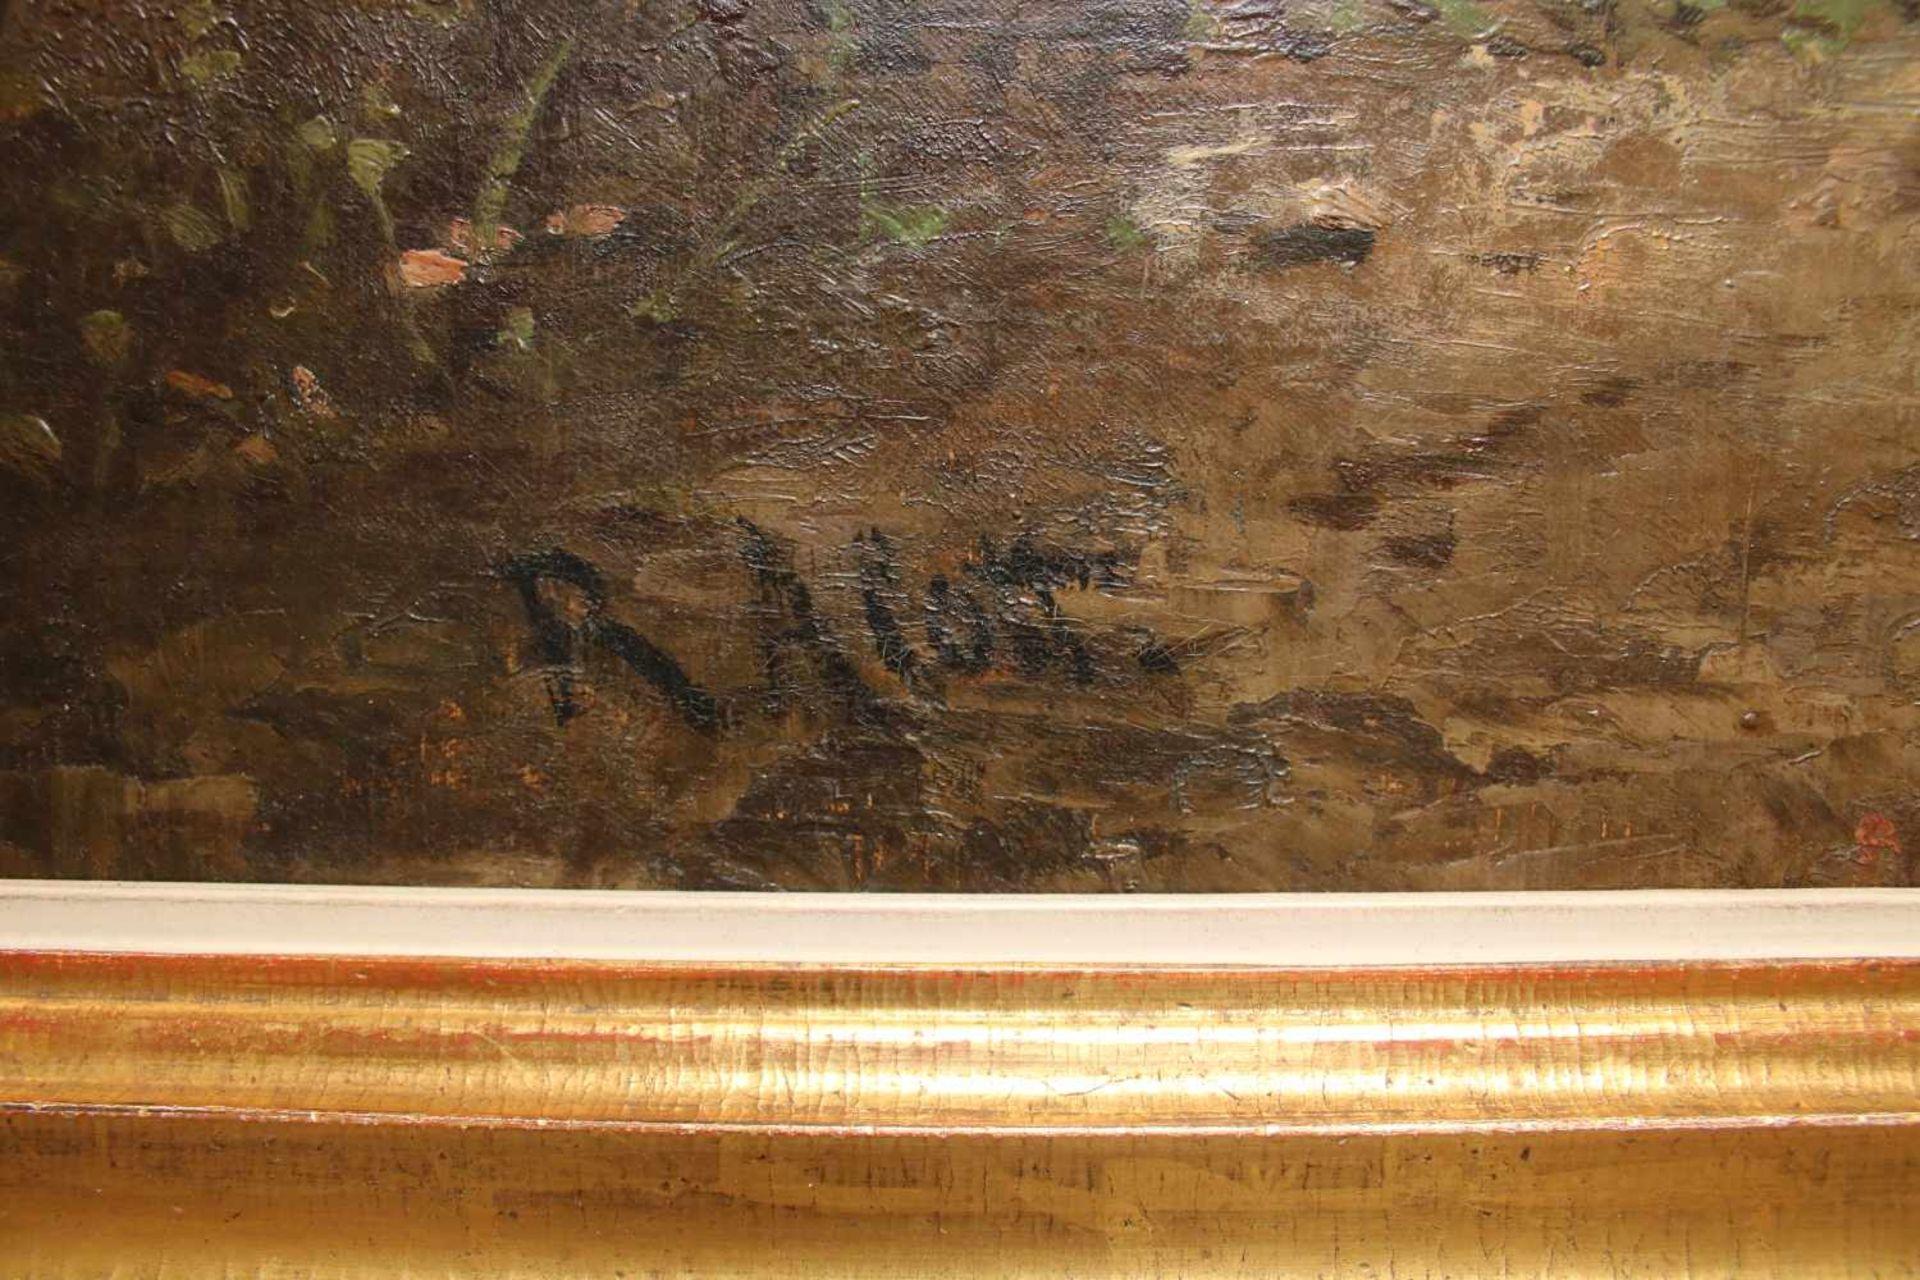 Robert Alott (1850 - 1910) Kolosseum Öl auf Leinwand Signiert, kleine Farbabsplitterung links oben - Bild 2 aus 2